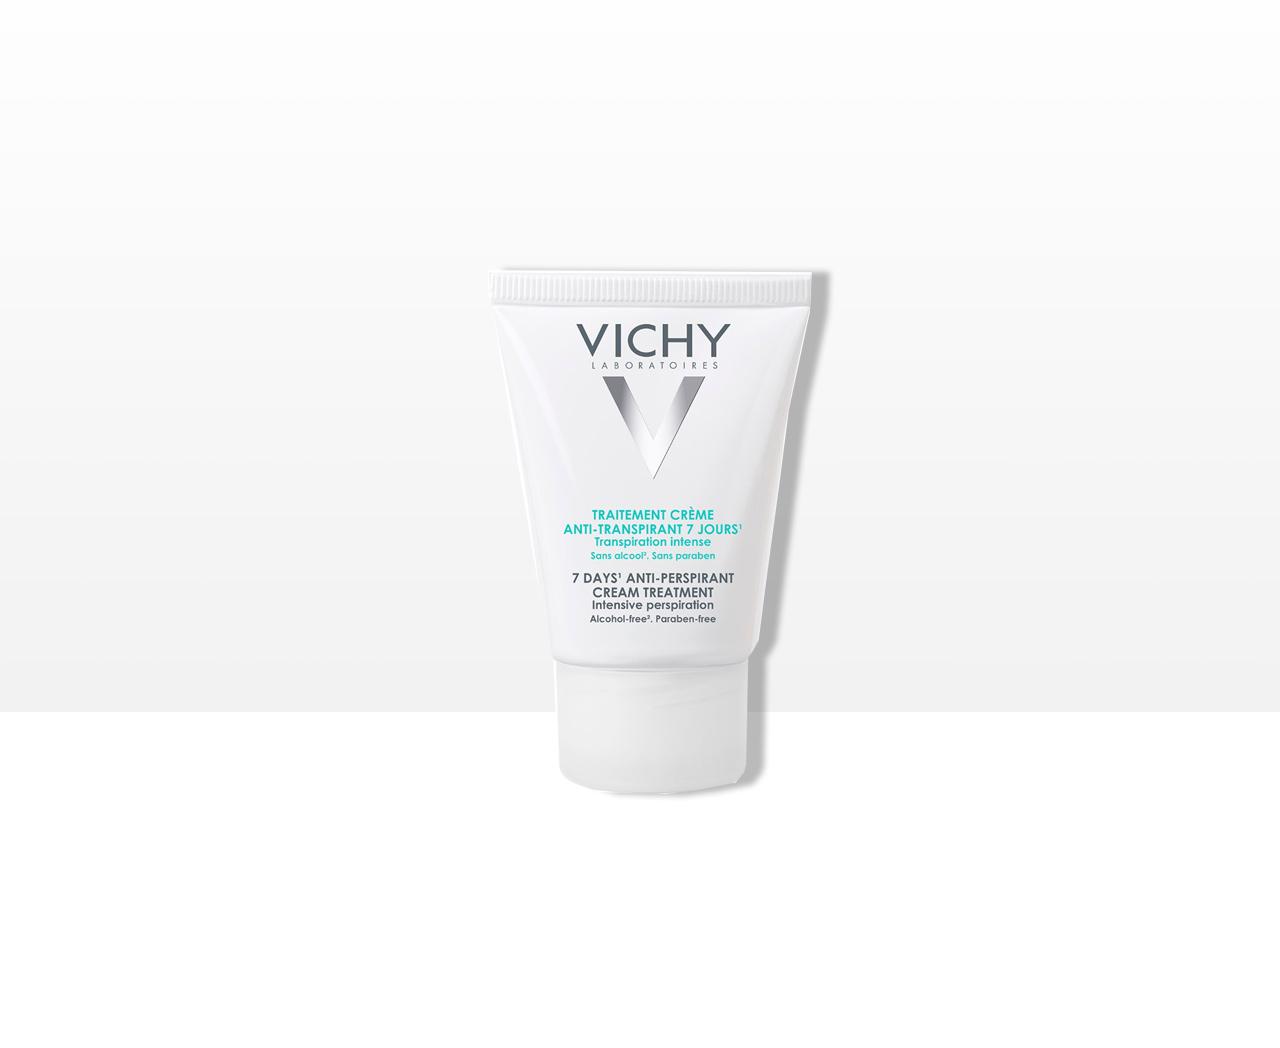 Desodorante Vichy 7 dias